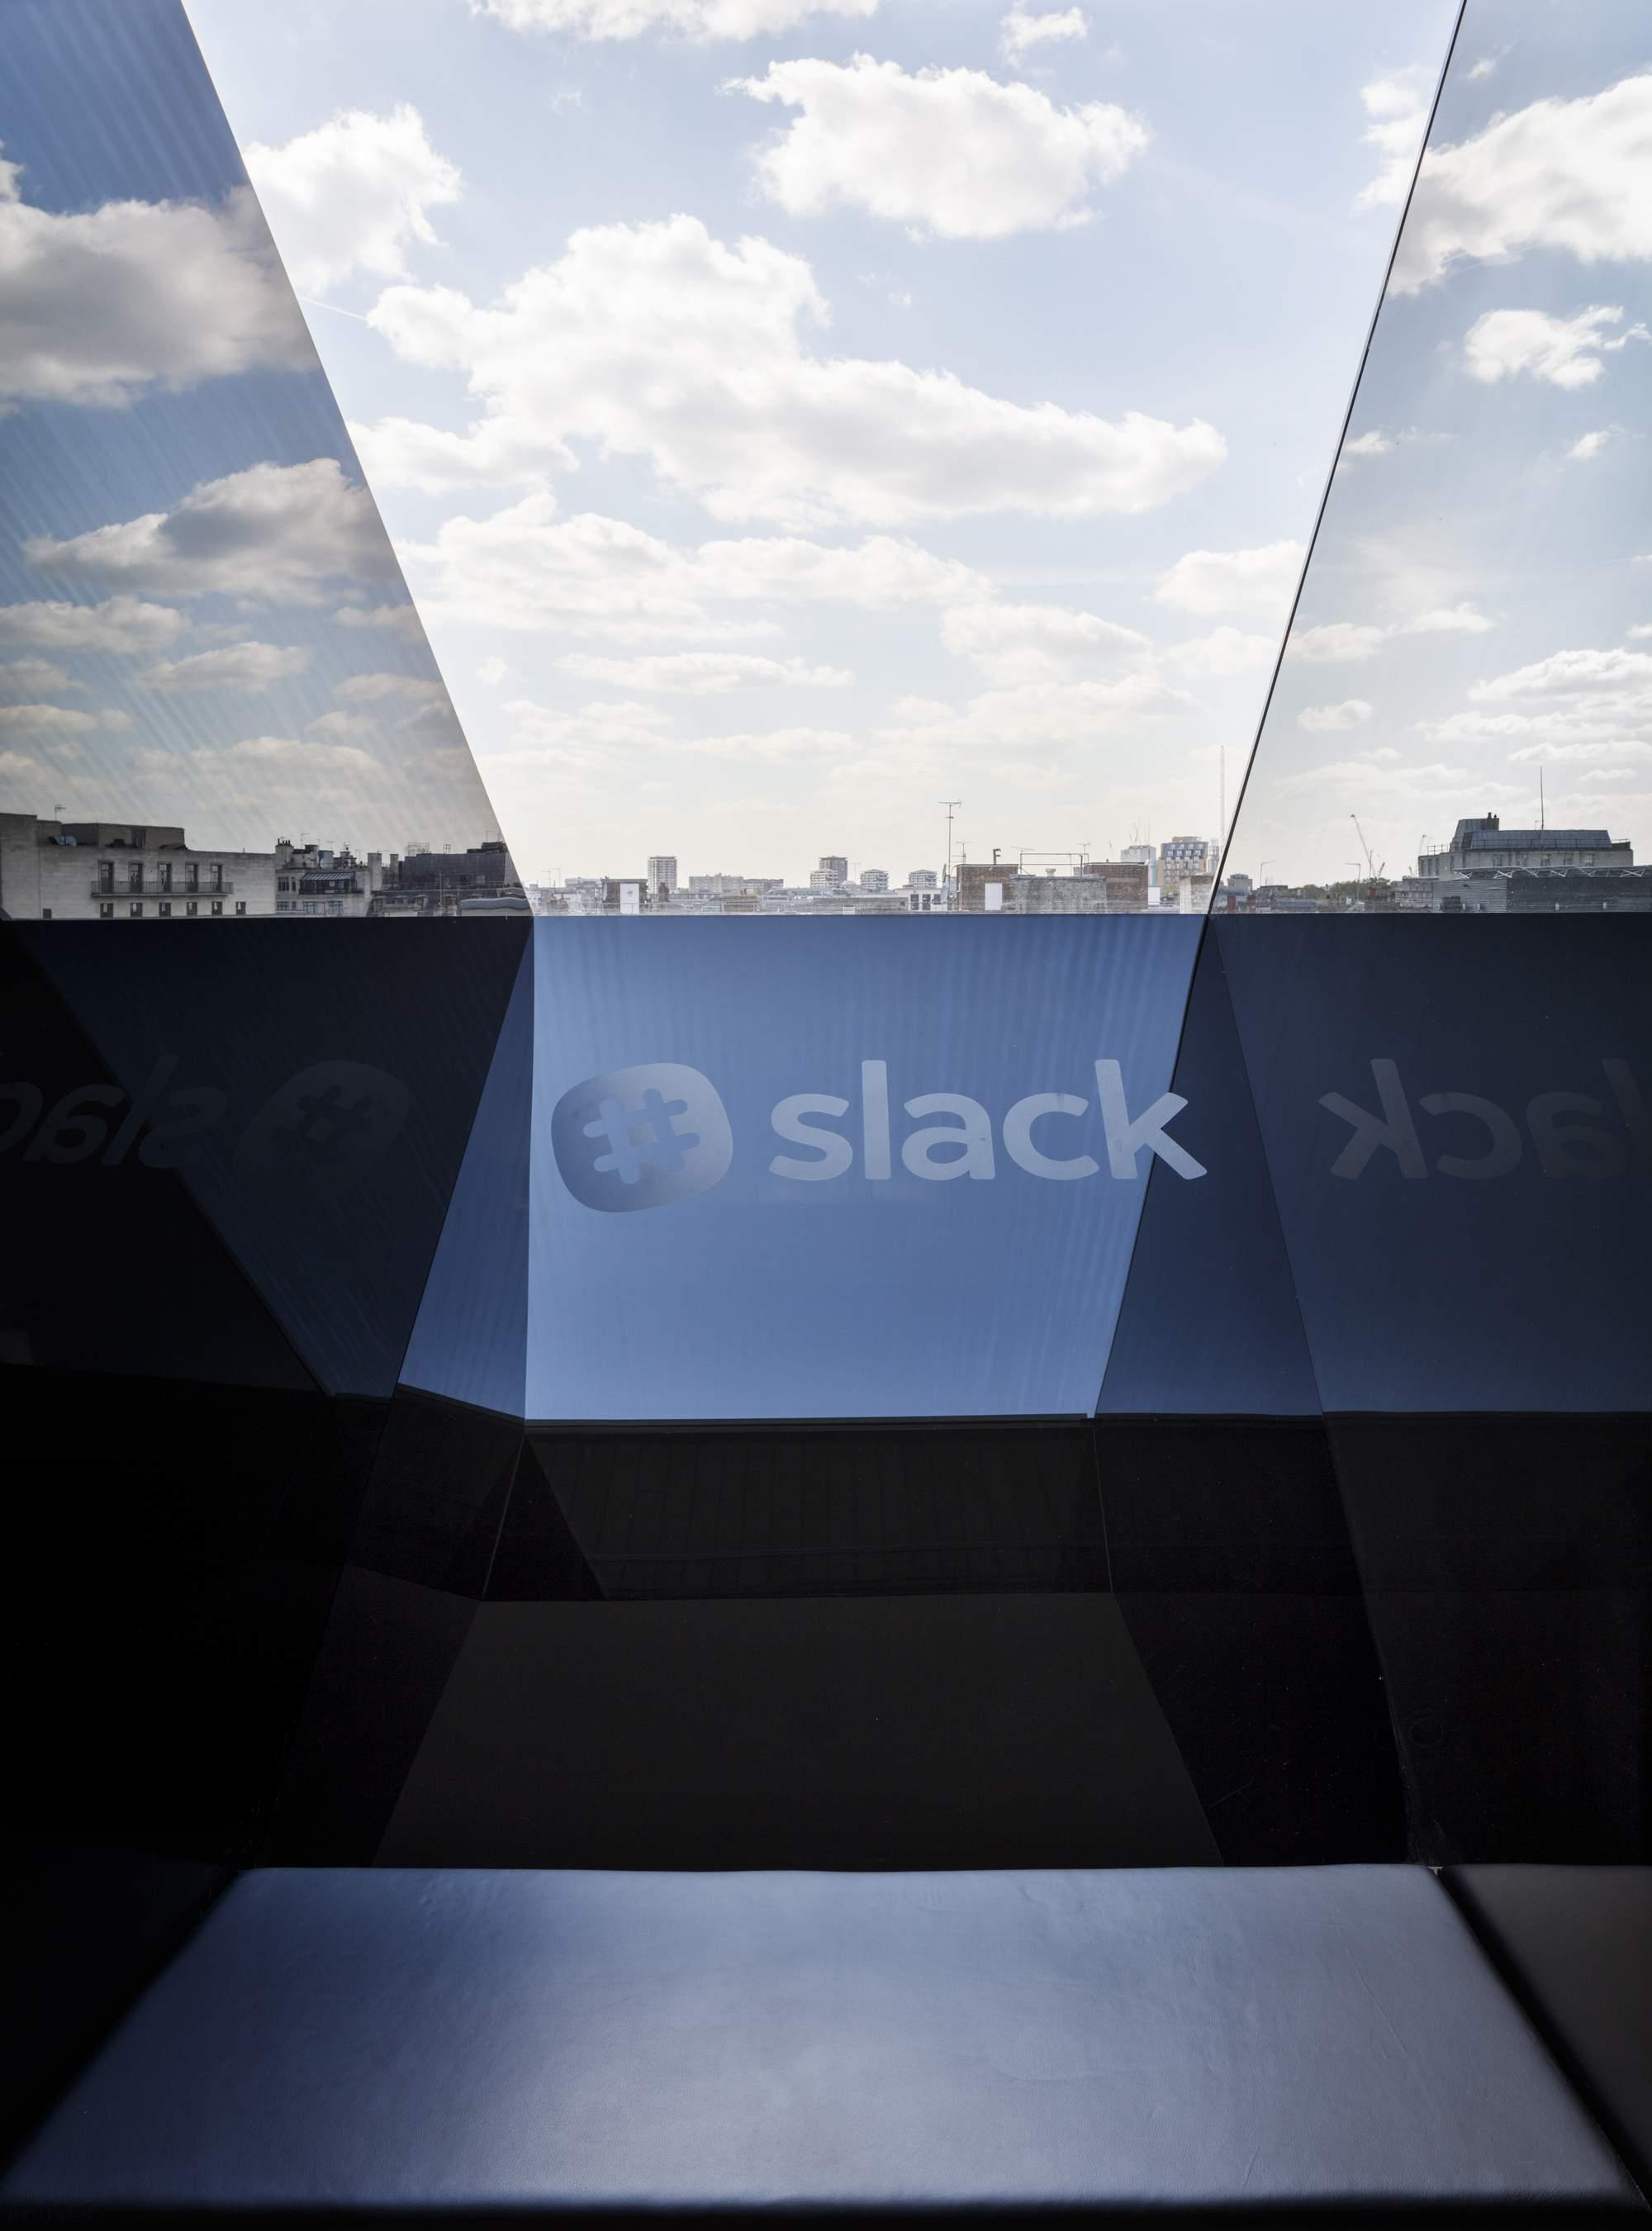 Офис компании Slack в центре столицы Великобритании